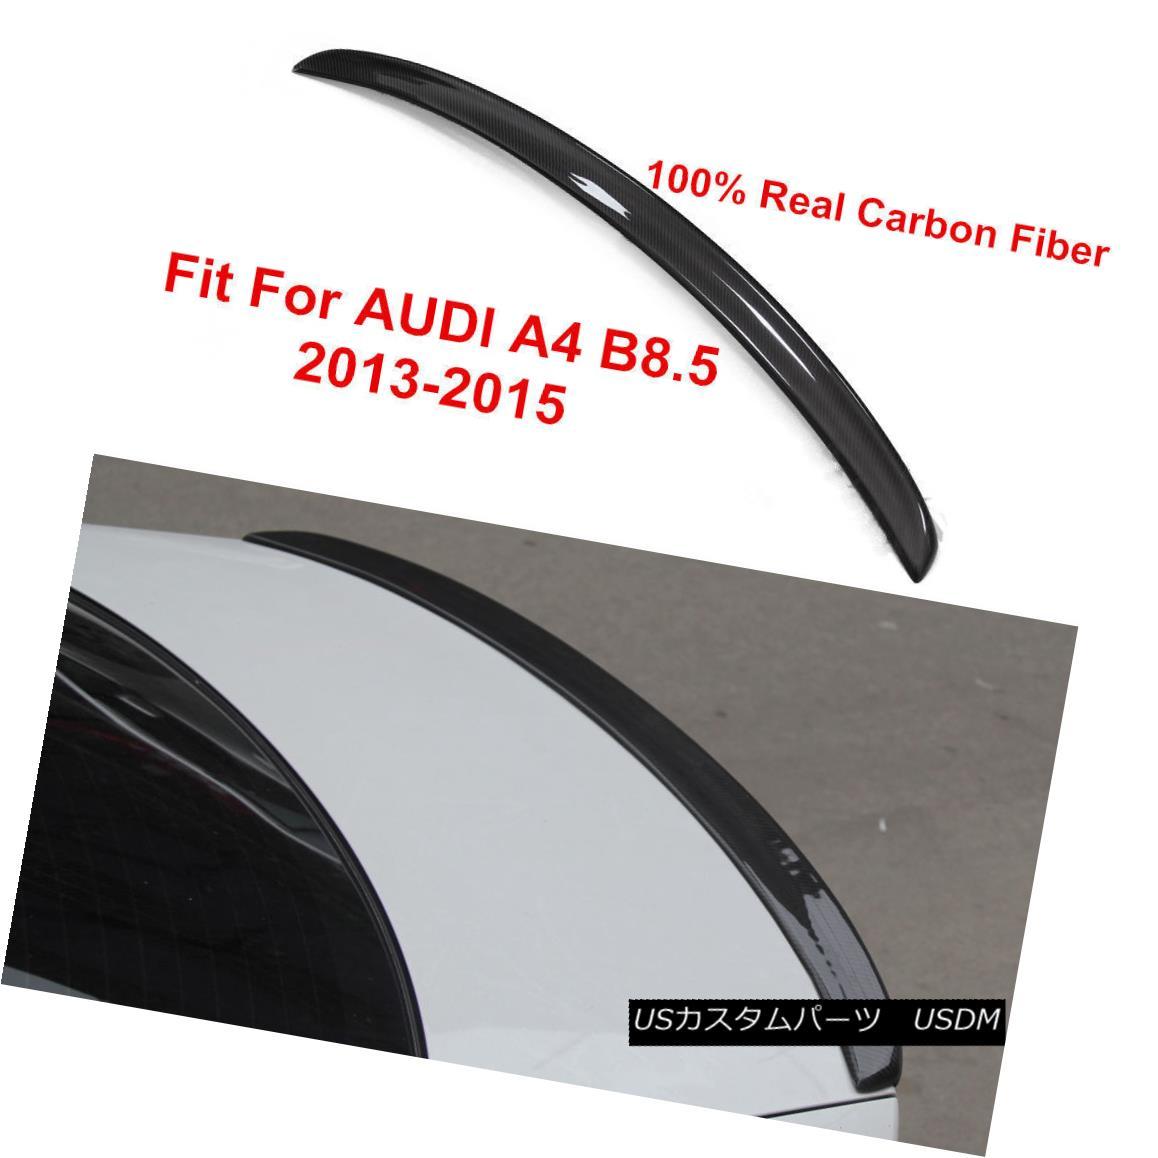 エアロパーツ S4 TYPE CARBON FIBER REAR TRUNK LIP SPOILER Fit For AUDI A4 B8.5 SEDAN 2013-2015 S4タイプカーボンファイバーリアトゥーンリップスポイラーフィットAUDI A4 B8.5 SEDAN 2013-2015